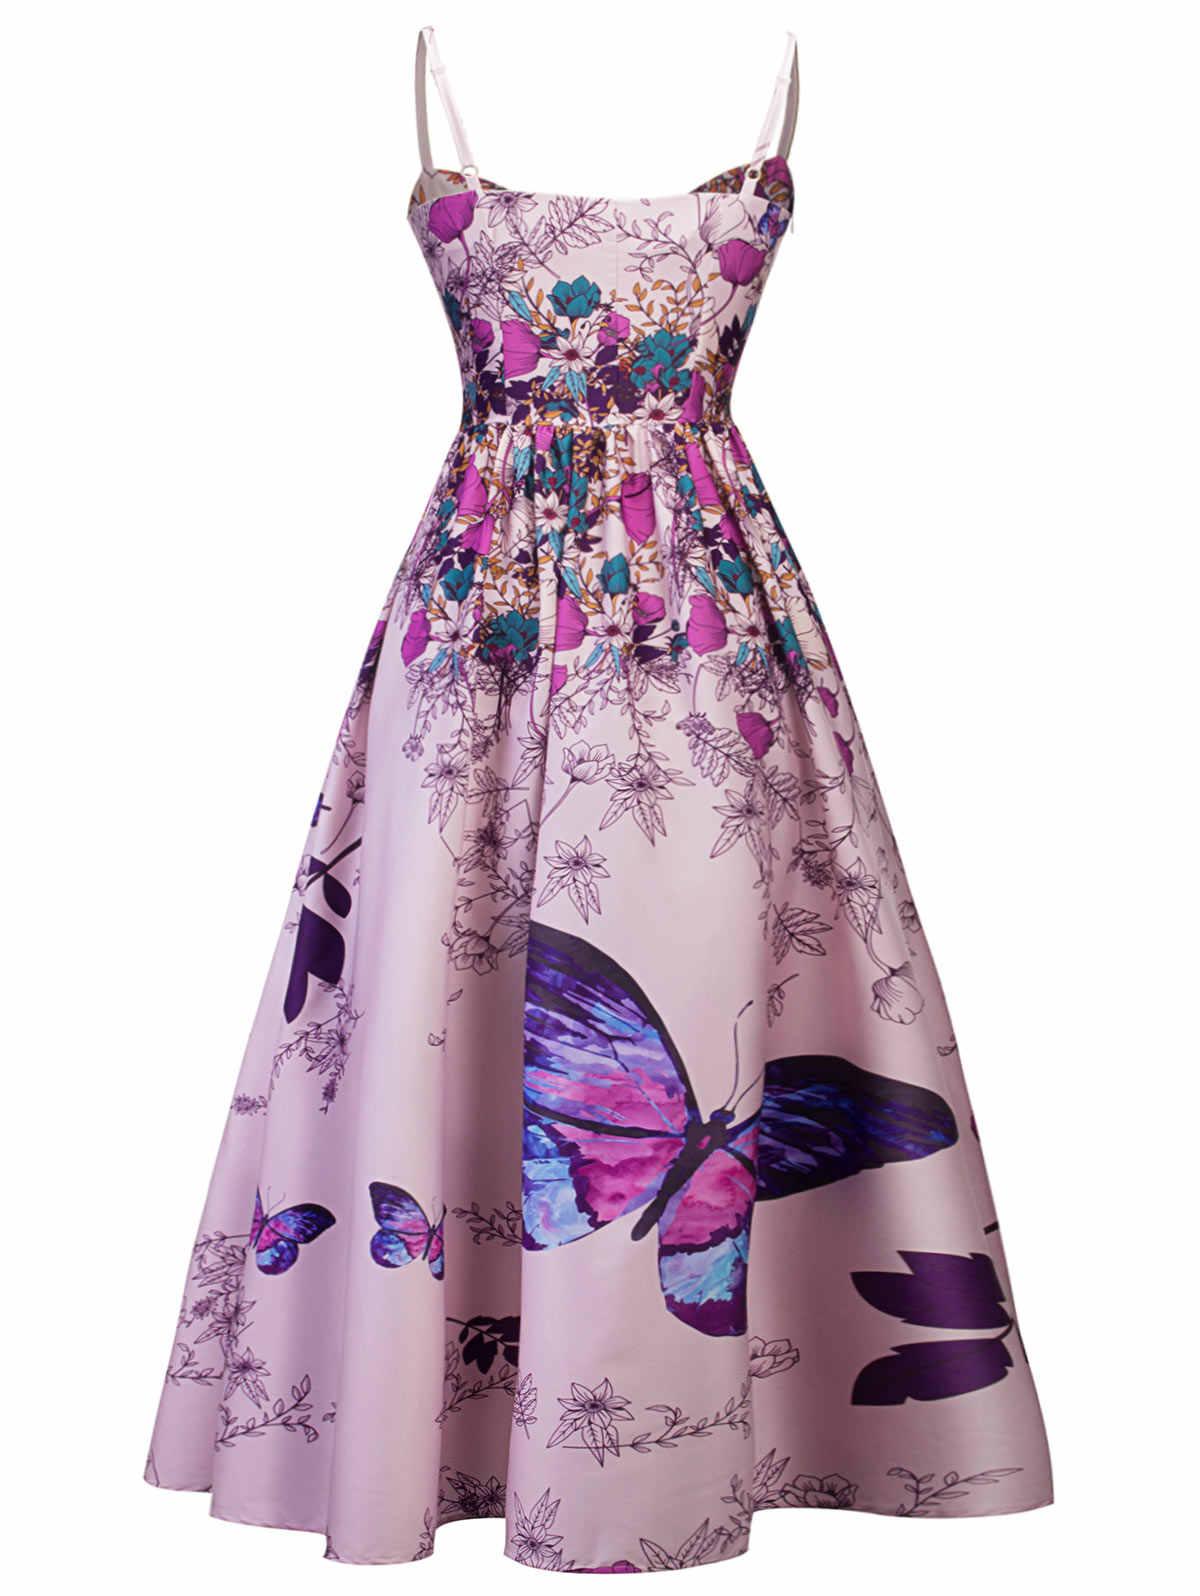 Gamiss женское модное элегантное вечернее платье с цветочным принтом и бантом, макси-платье с расклешенными бретельками без рукавов, женское платье Vestidos